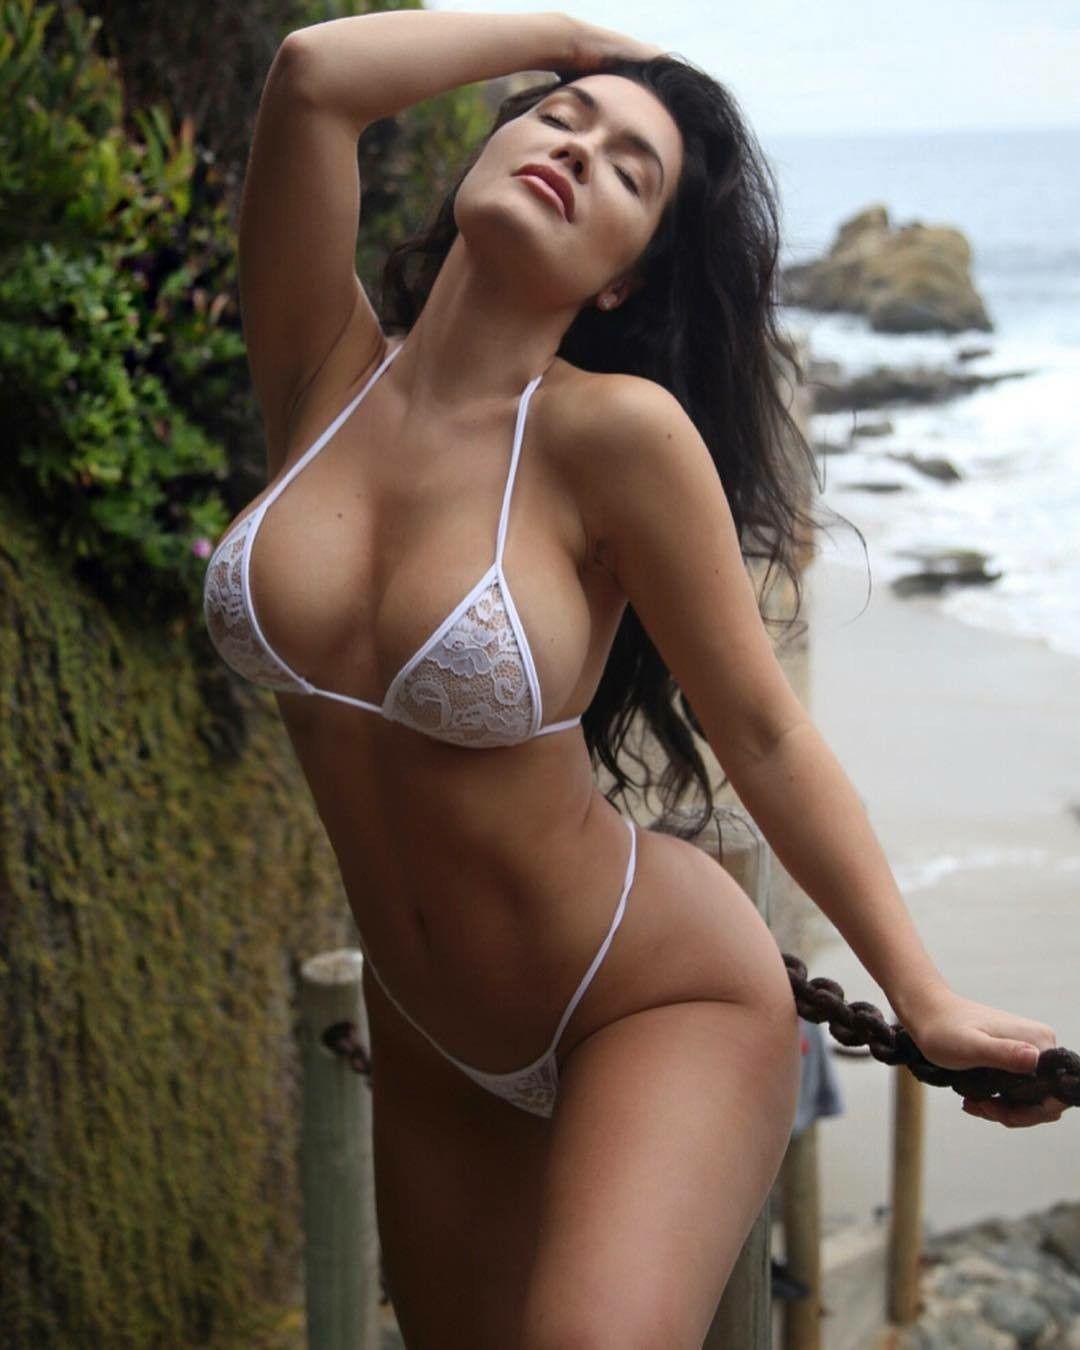 Real woman nude selfies indoor outdoor